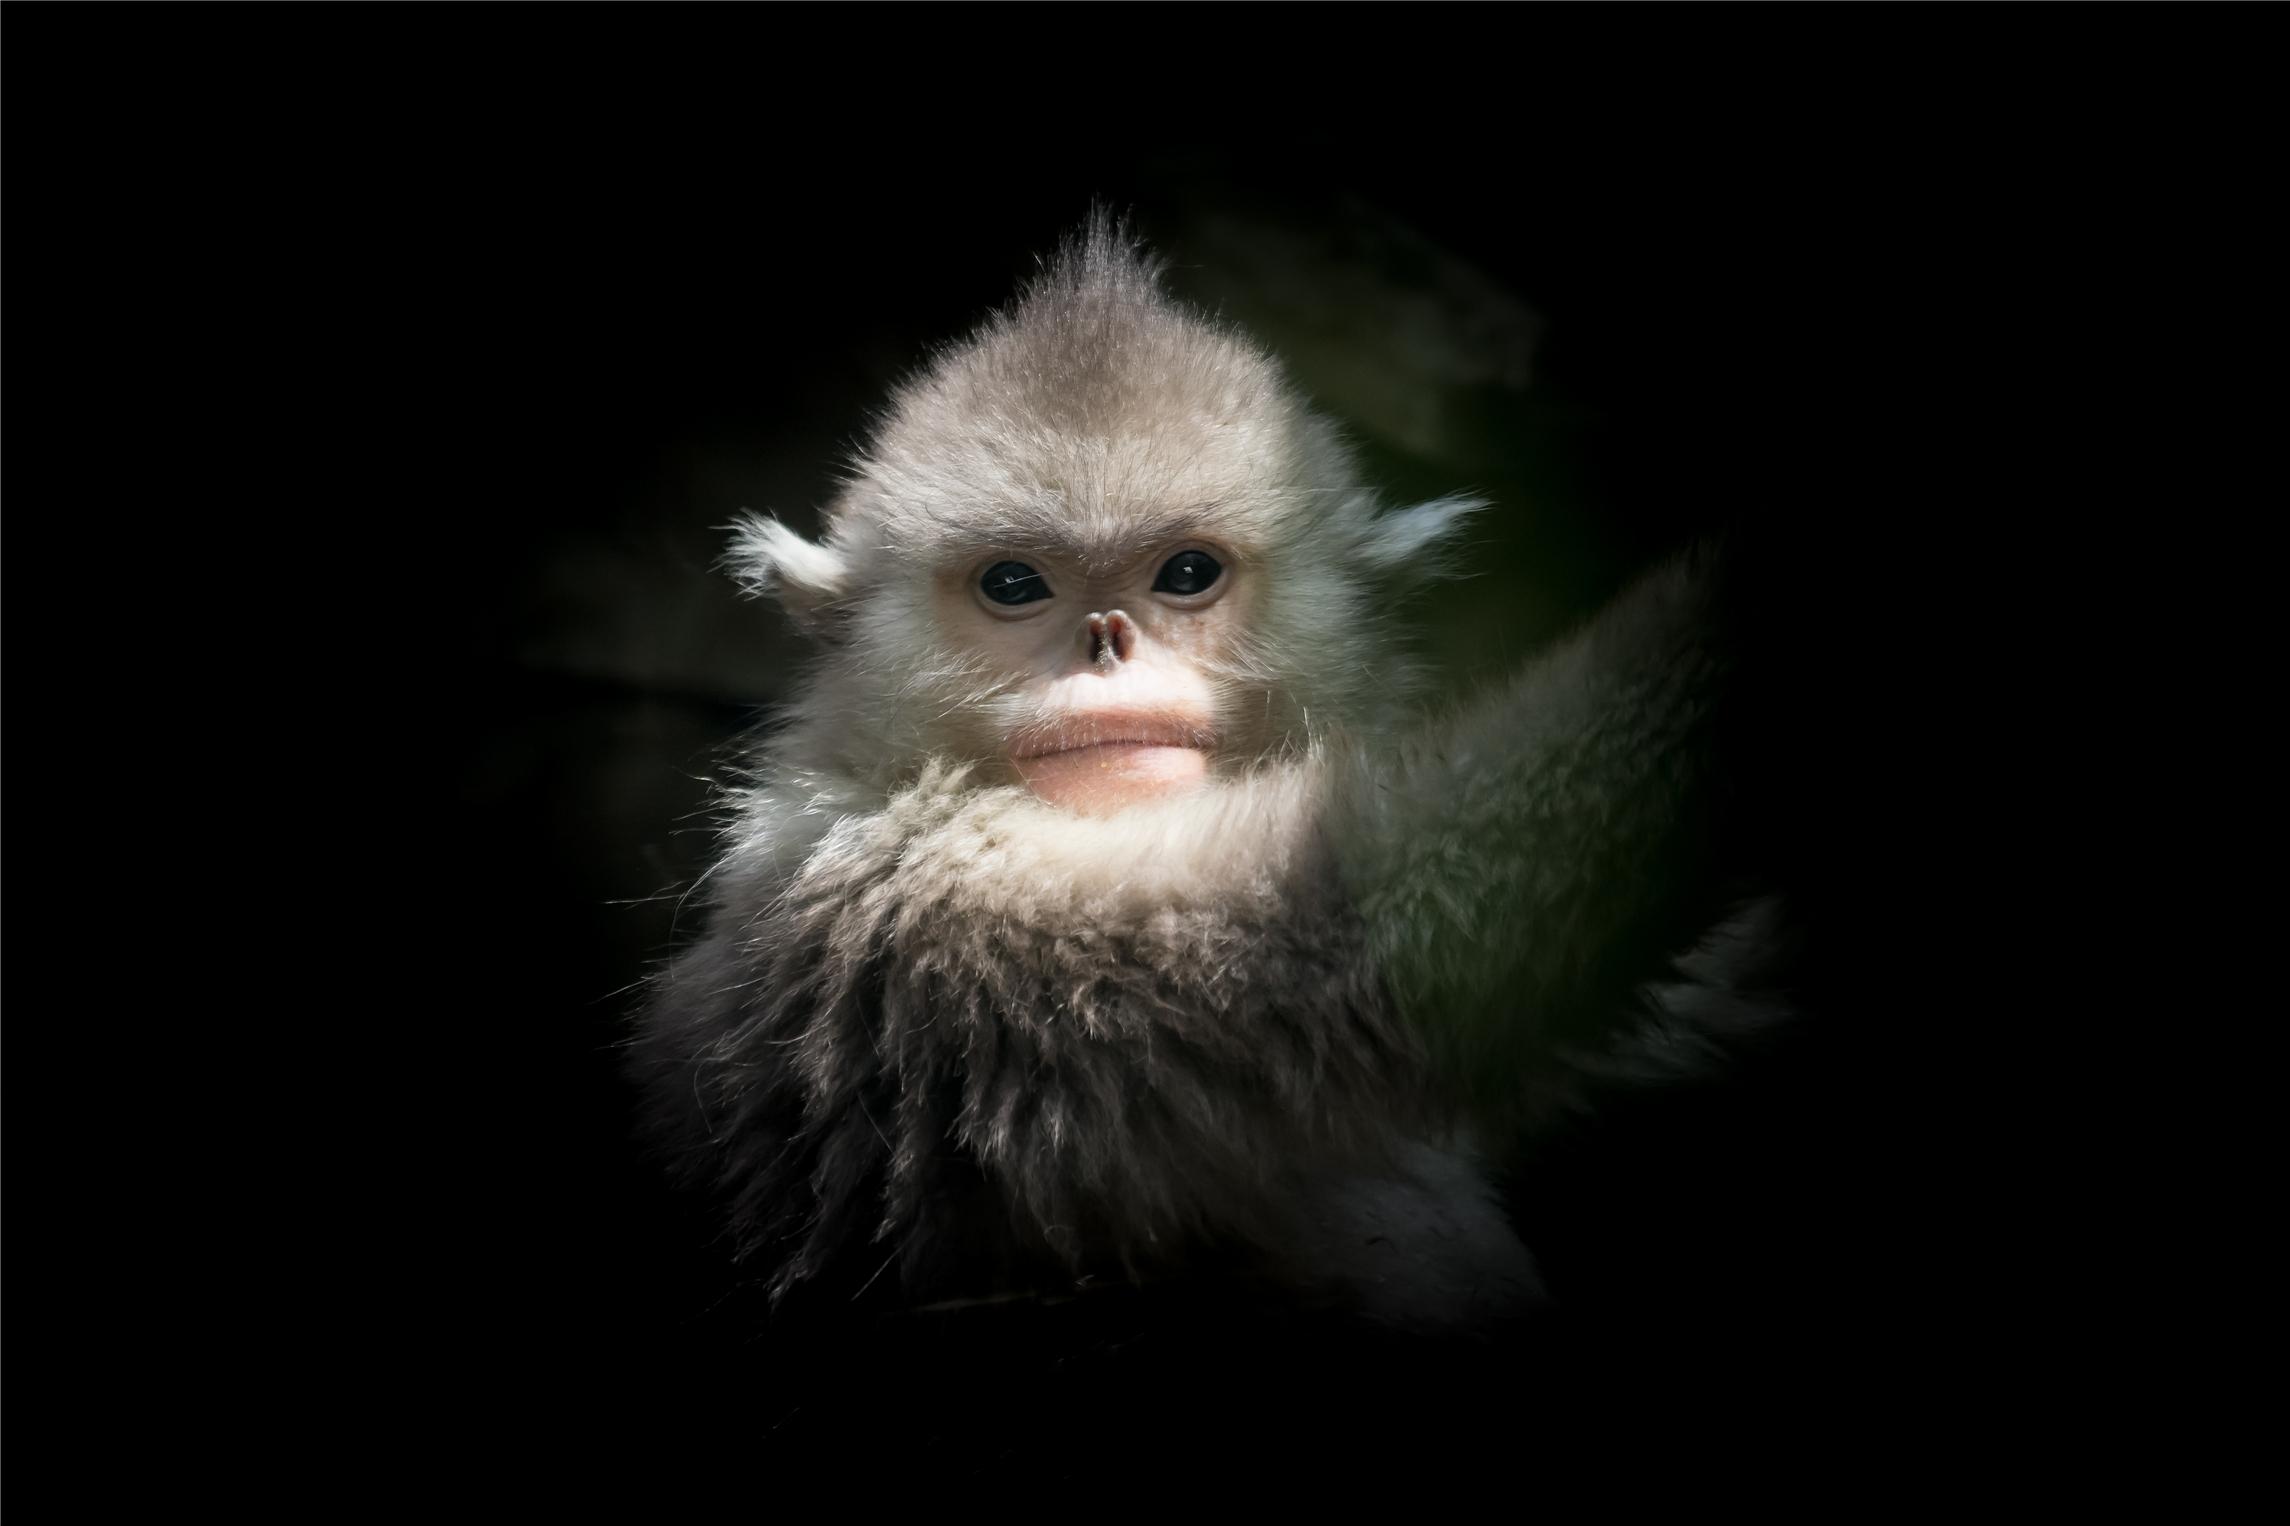 属猴今年的感情怎么样 属猴今年的幸运色是什么颜色